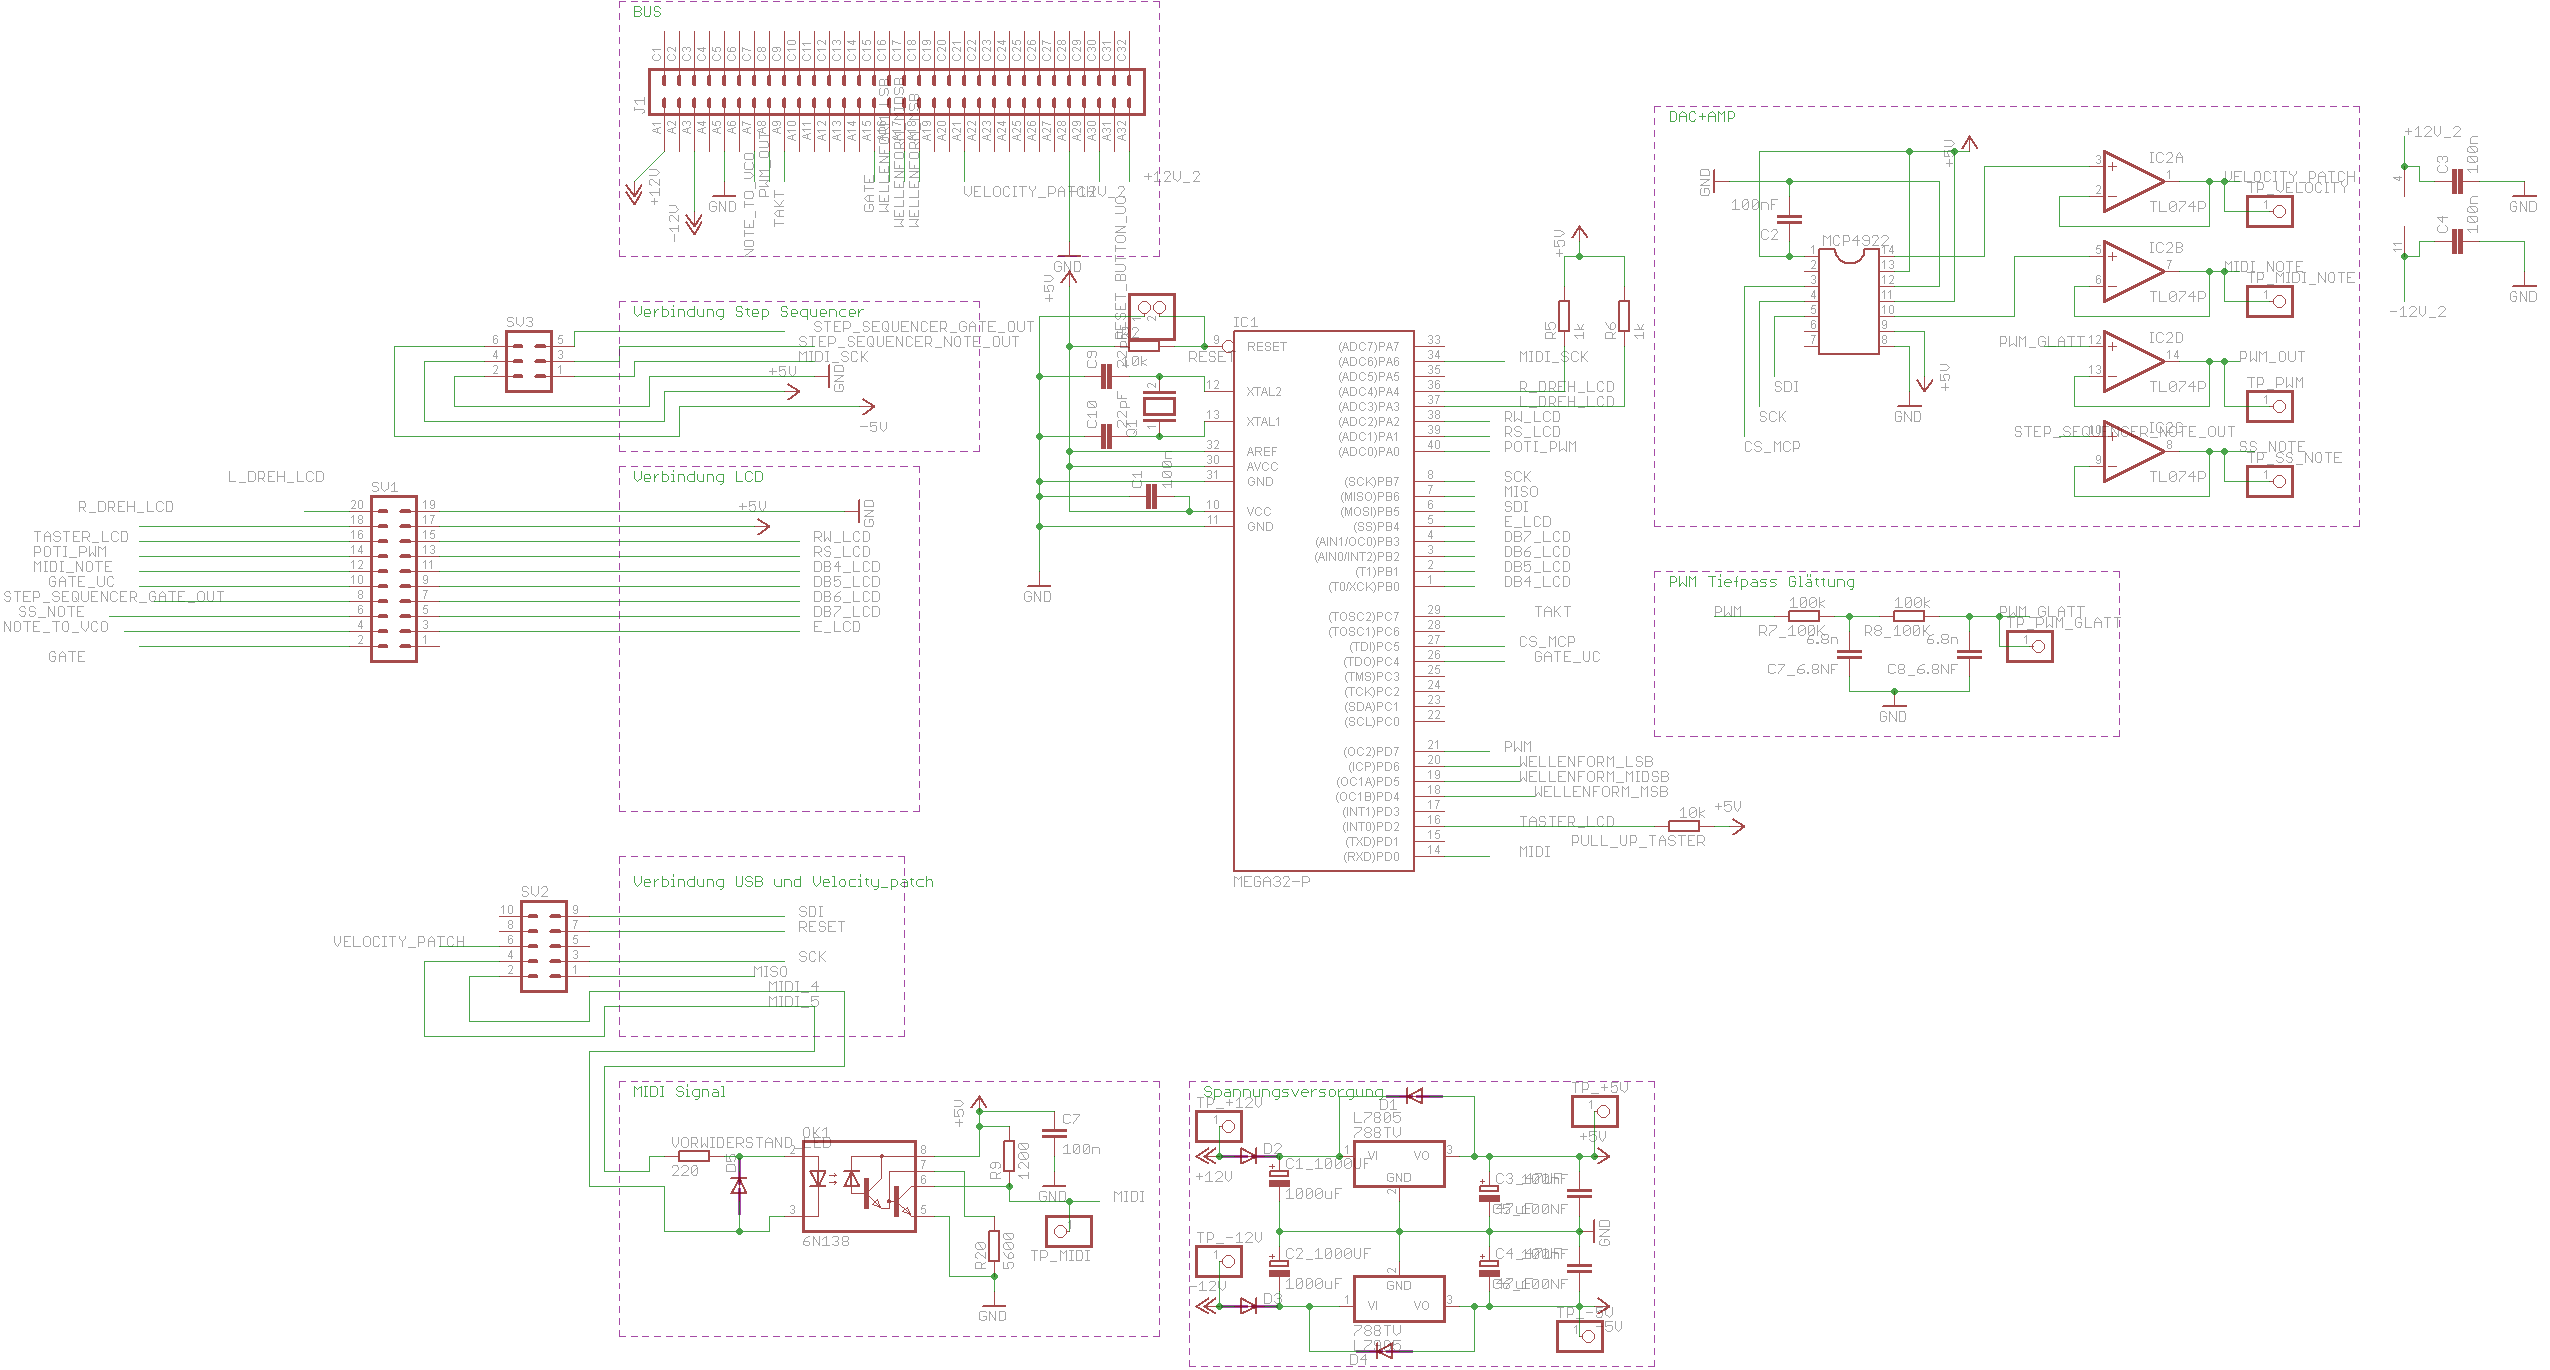 Fein Bootshorn Schaltplan Galerie - Elektrische Schaltplan-Ideen ...